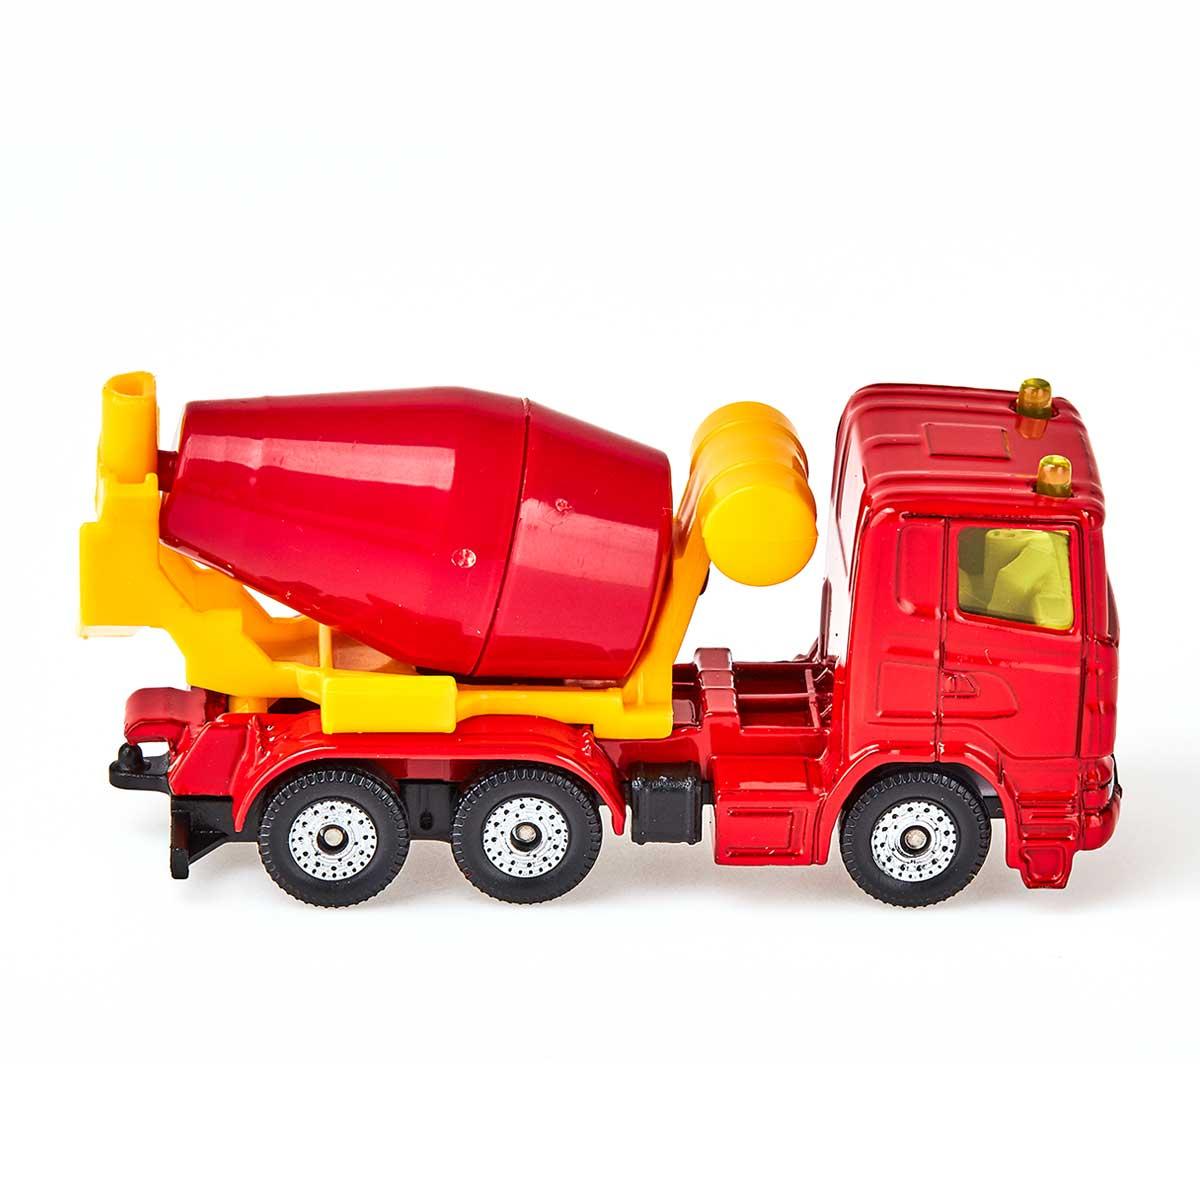 セメントミキサートラック(ジク・SIKU)